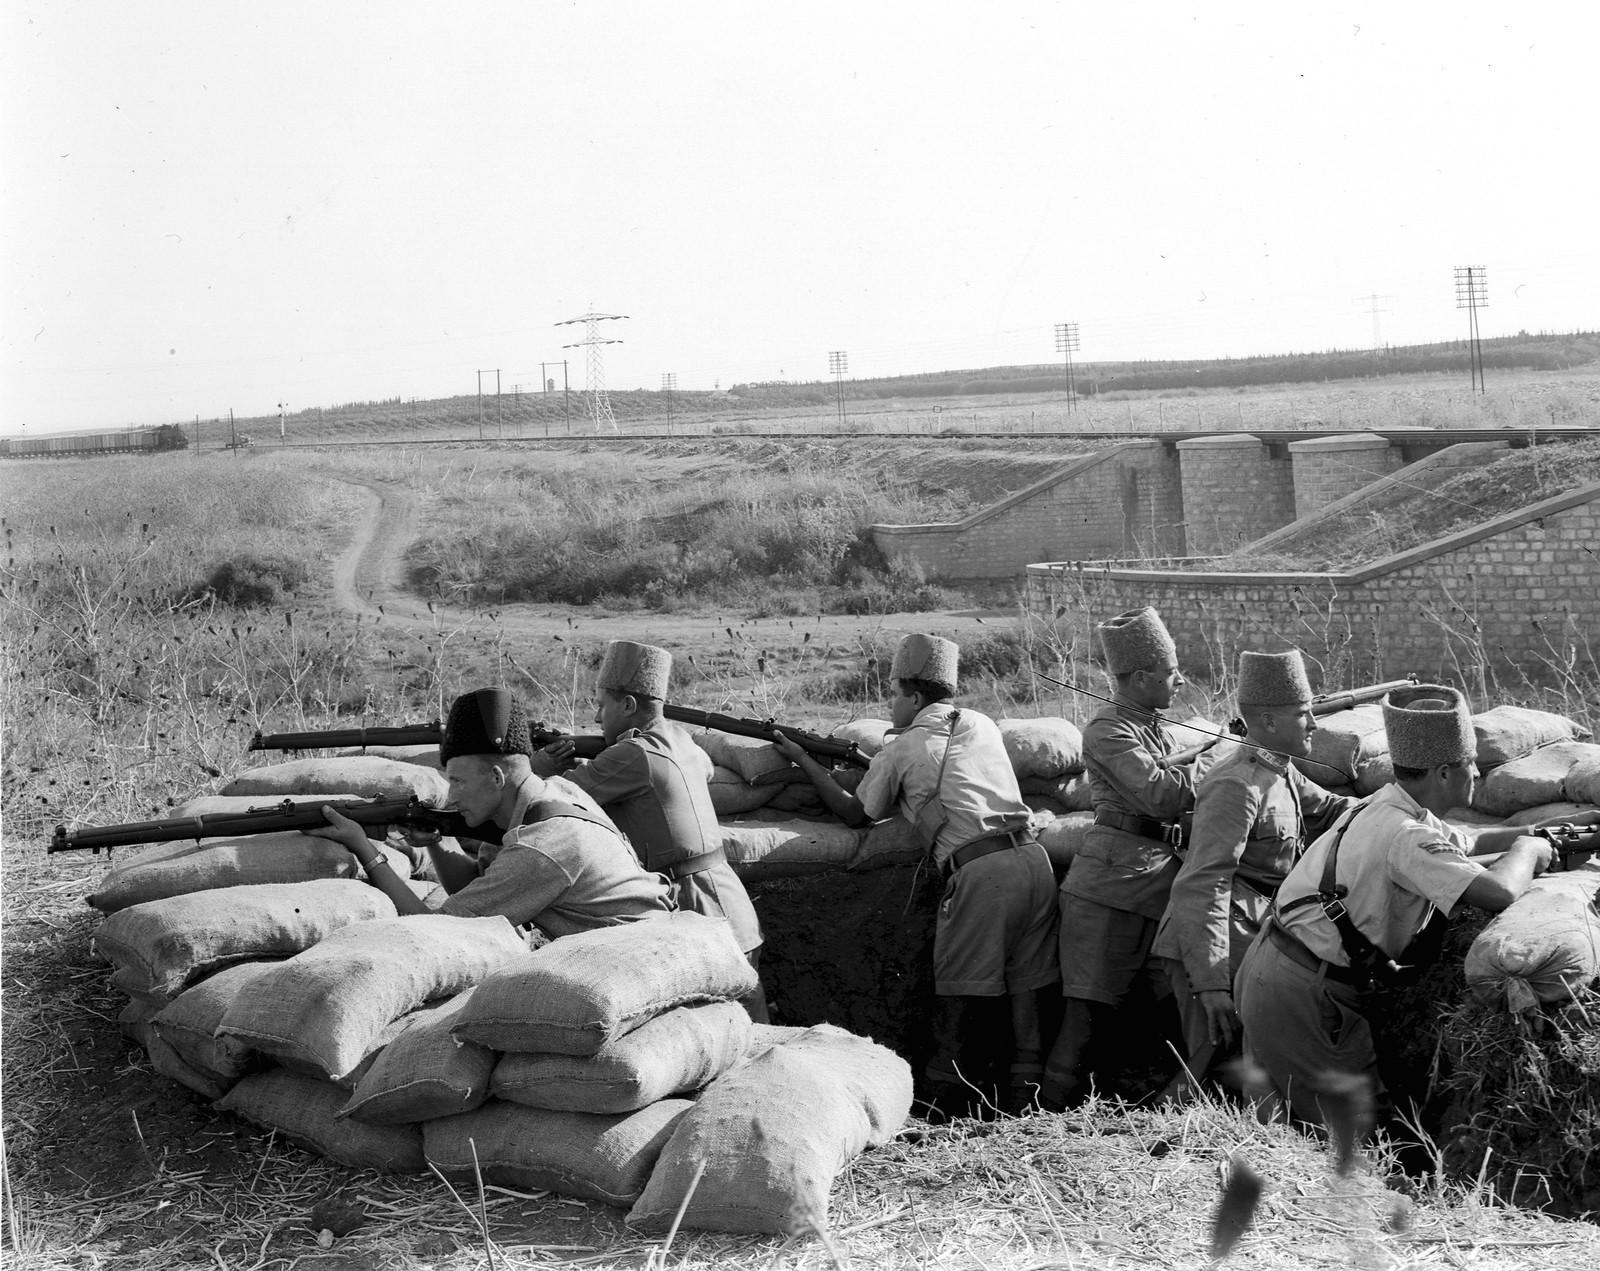 1938. Еврейская поселенческая полиция на охране железной дороги близ Хадеры. 23 августа